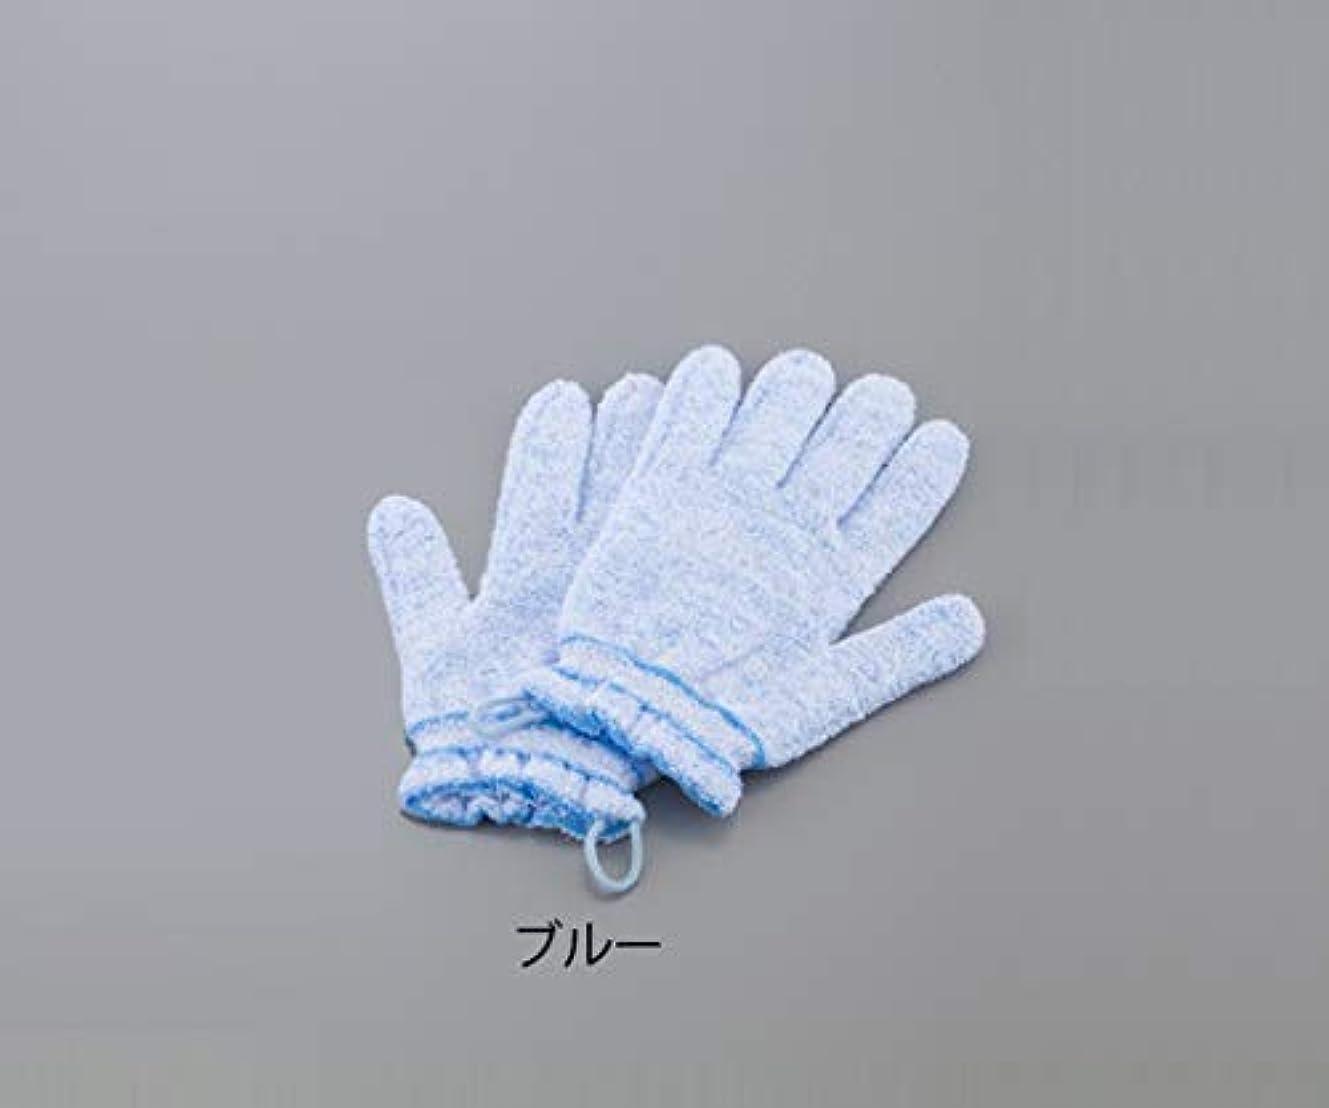 すみませんトレーニング優先権0-4015-02浴用手袋(やさしい手)ブルー